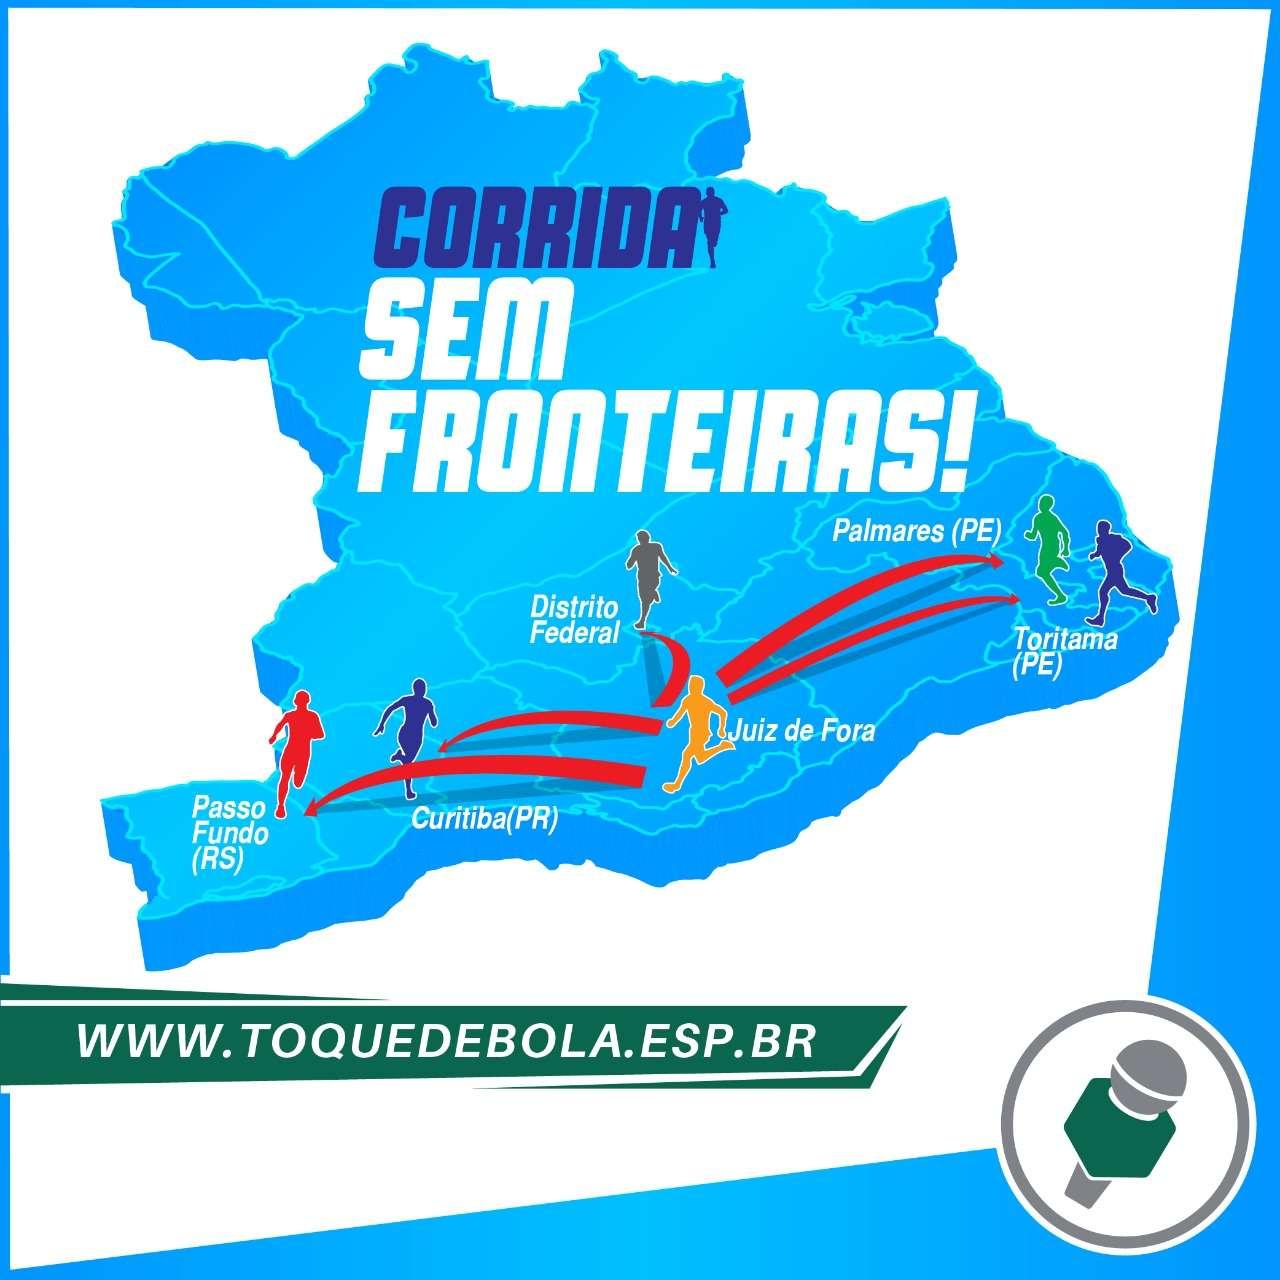 Fronteiras abertas: Corrida Virtual da SEL, de Pernambuco ao Rio Grande do Sul